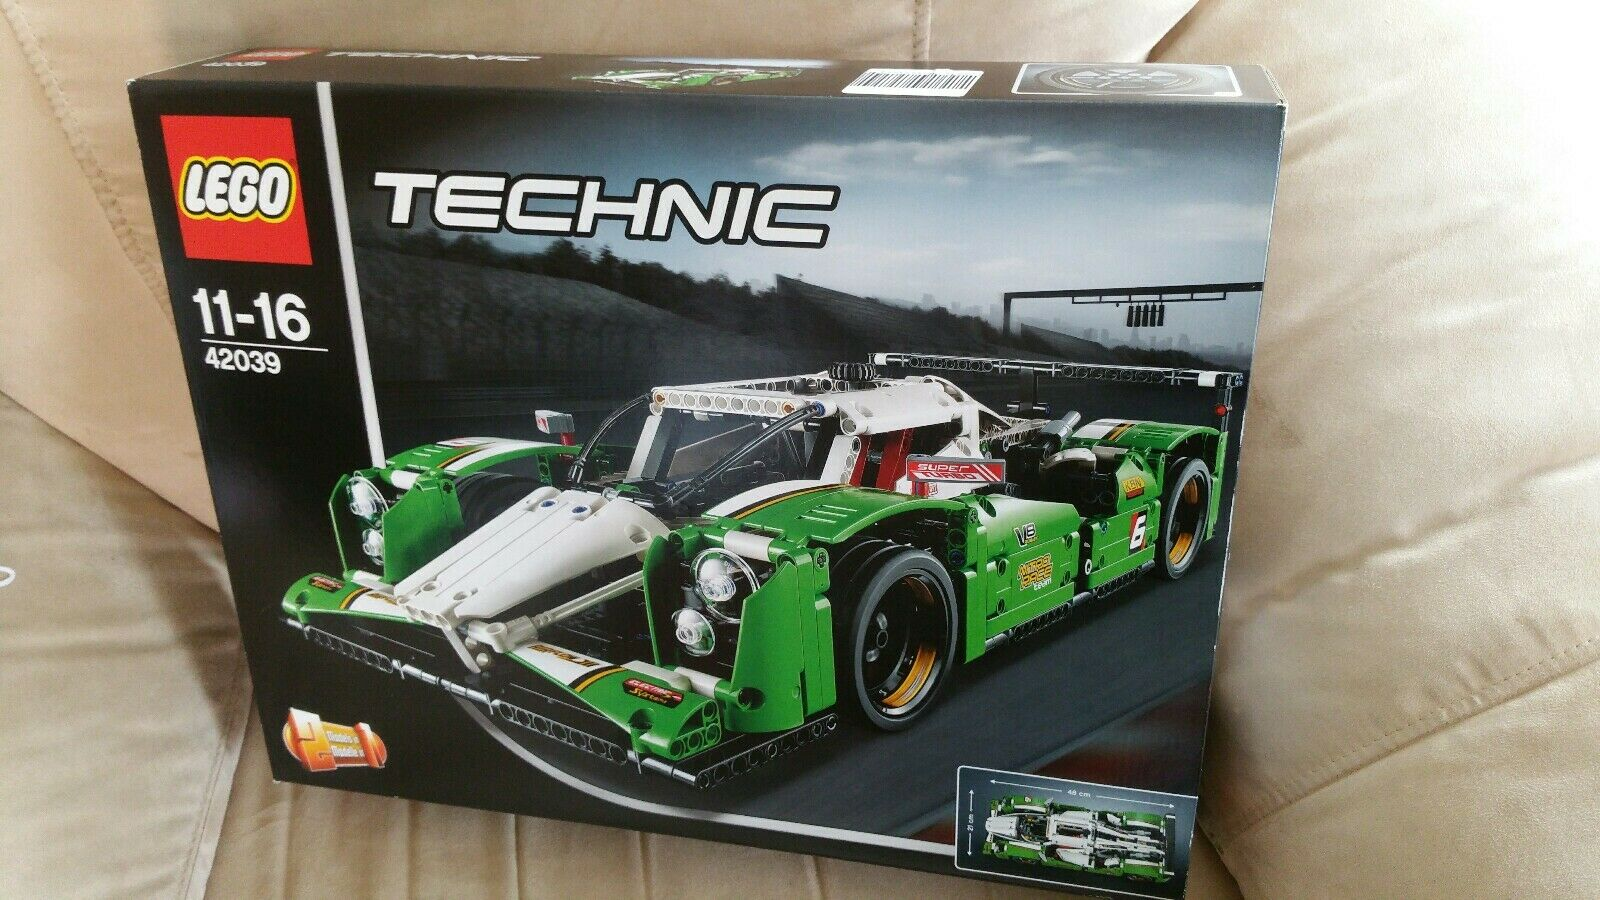 LEGO  Technic 42039 lungo raggio-auto da corsa  ecco l'ultimo